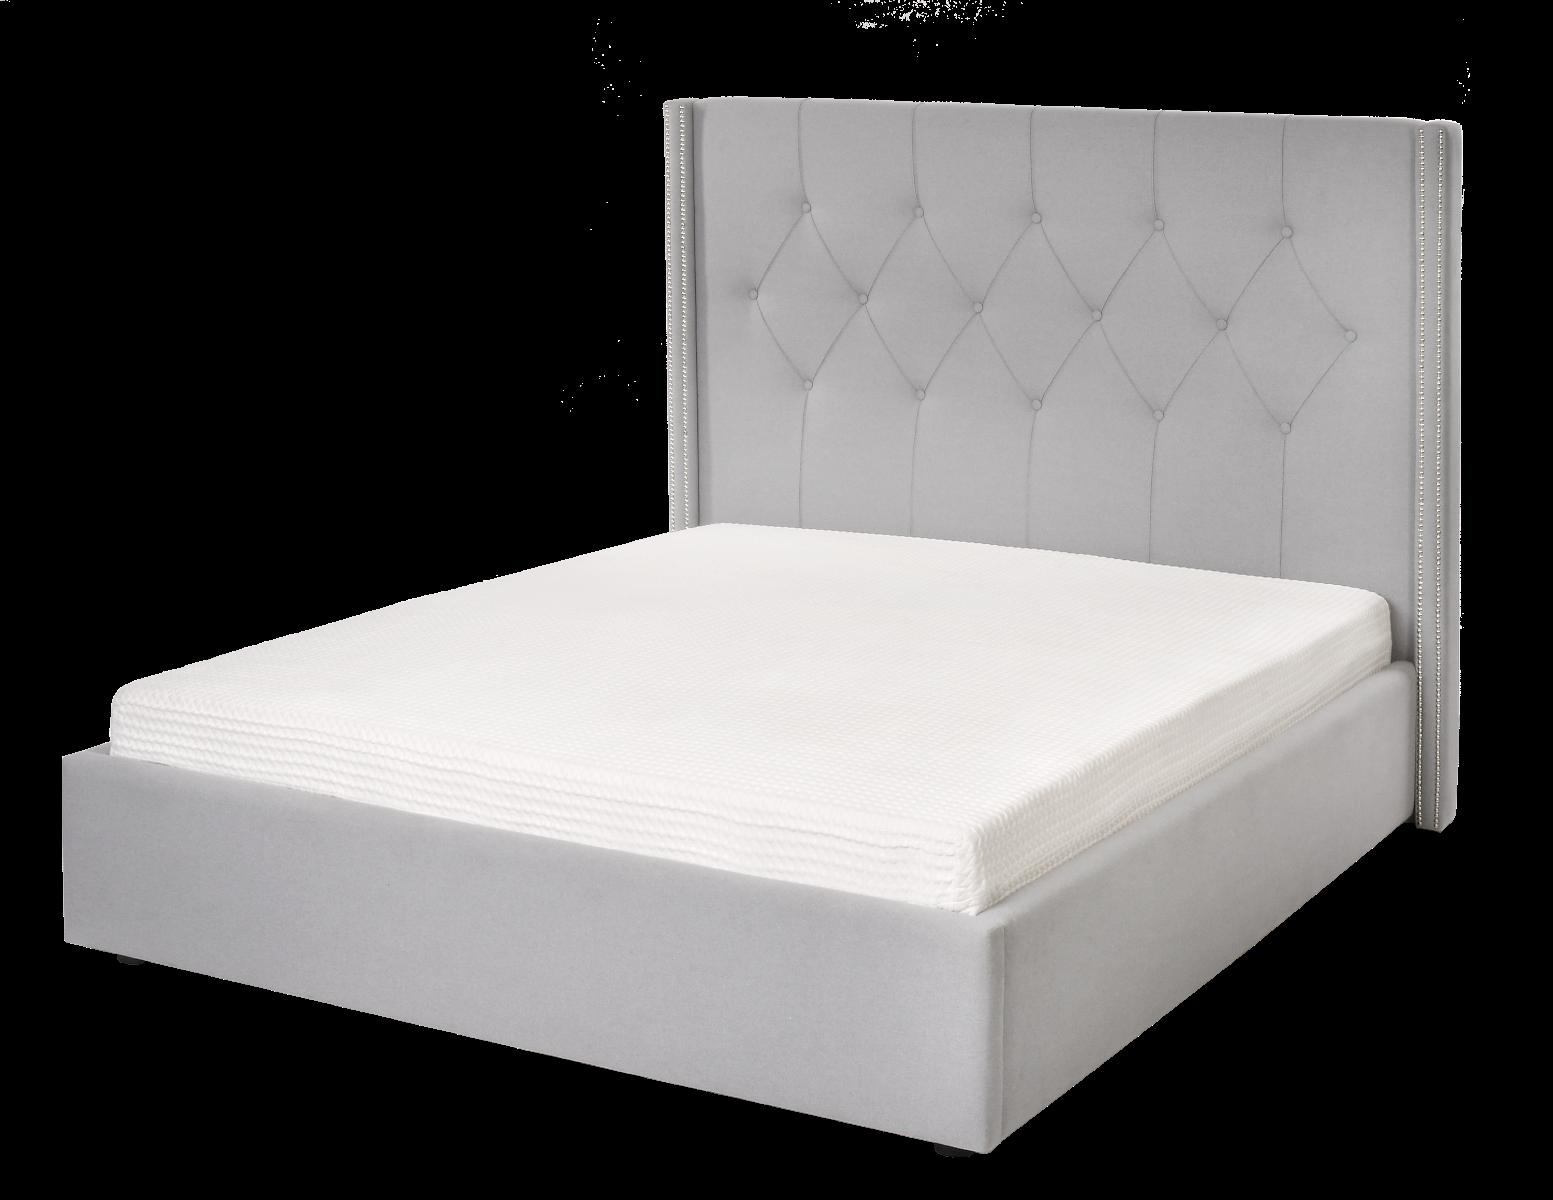 Łóżko Jerome z Ćwiekami 178x224x125cm Miloo Home ML2952-CS-110